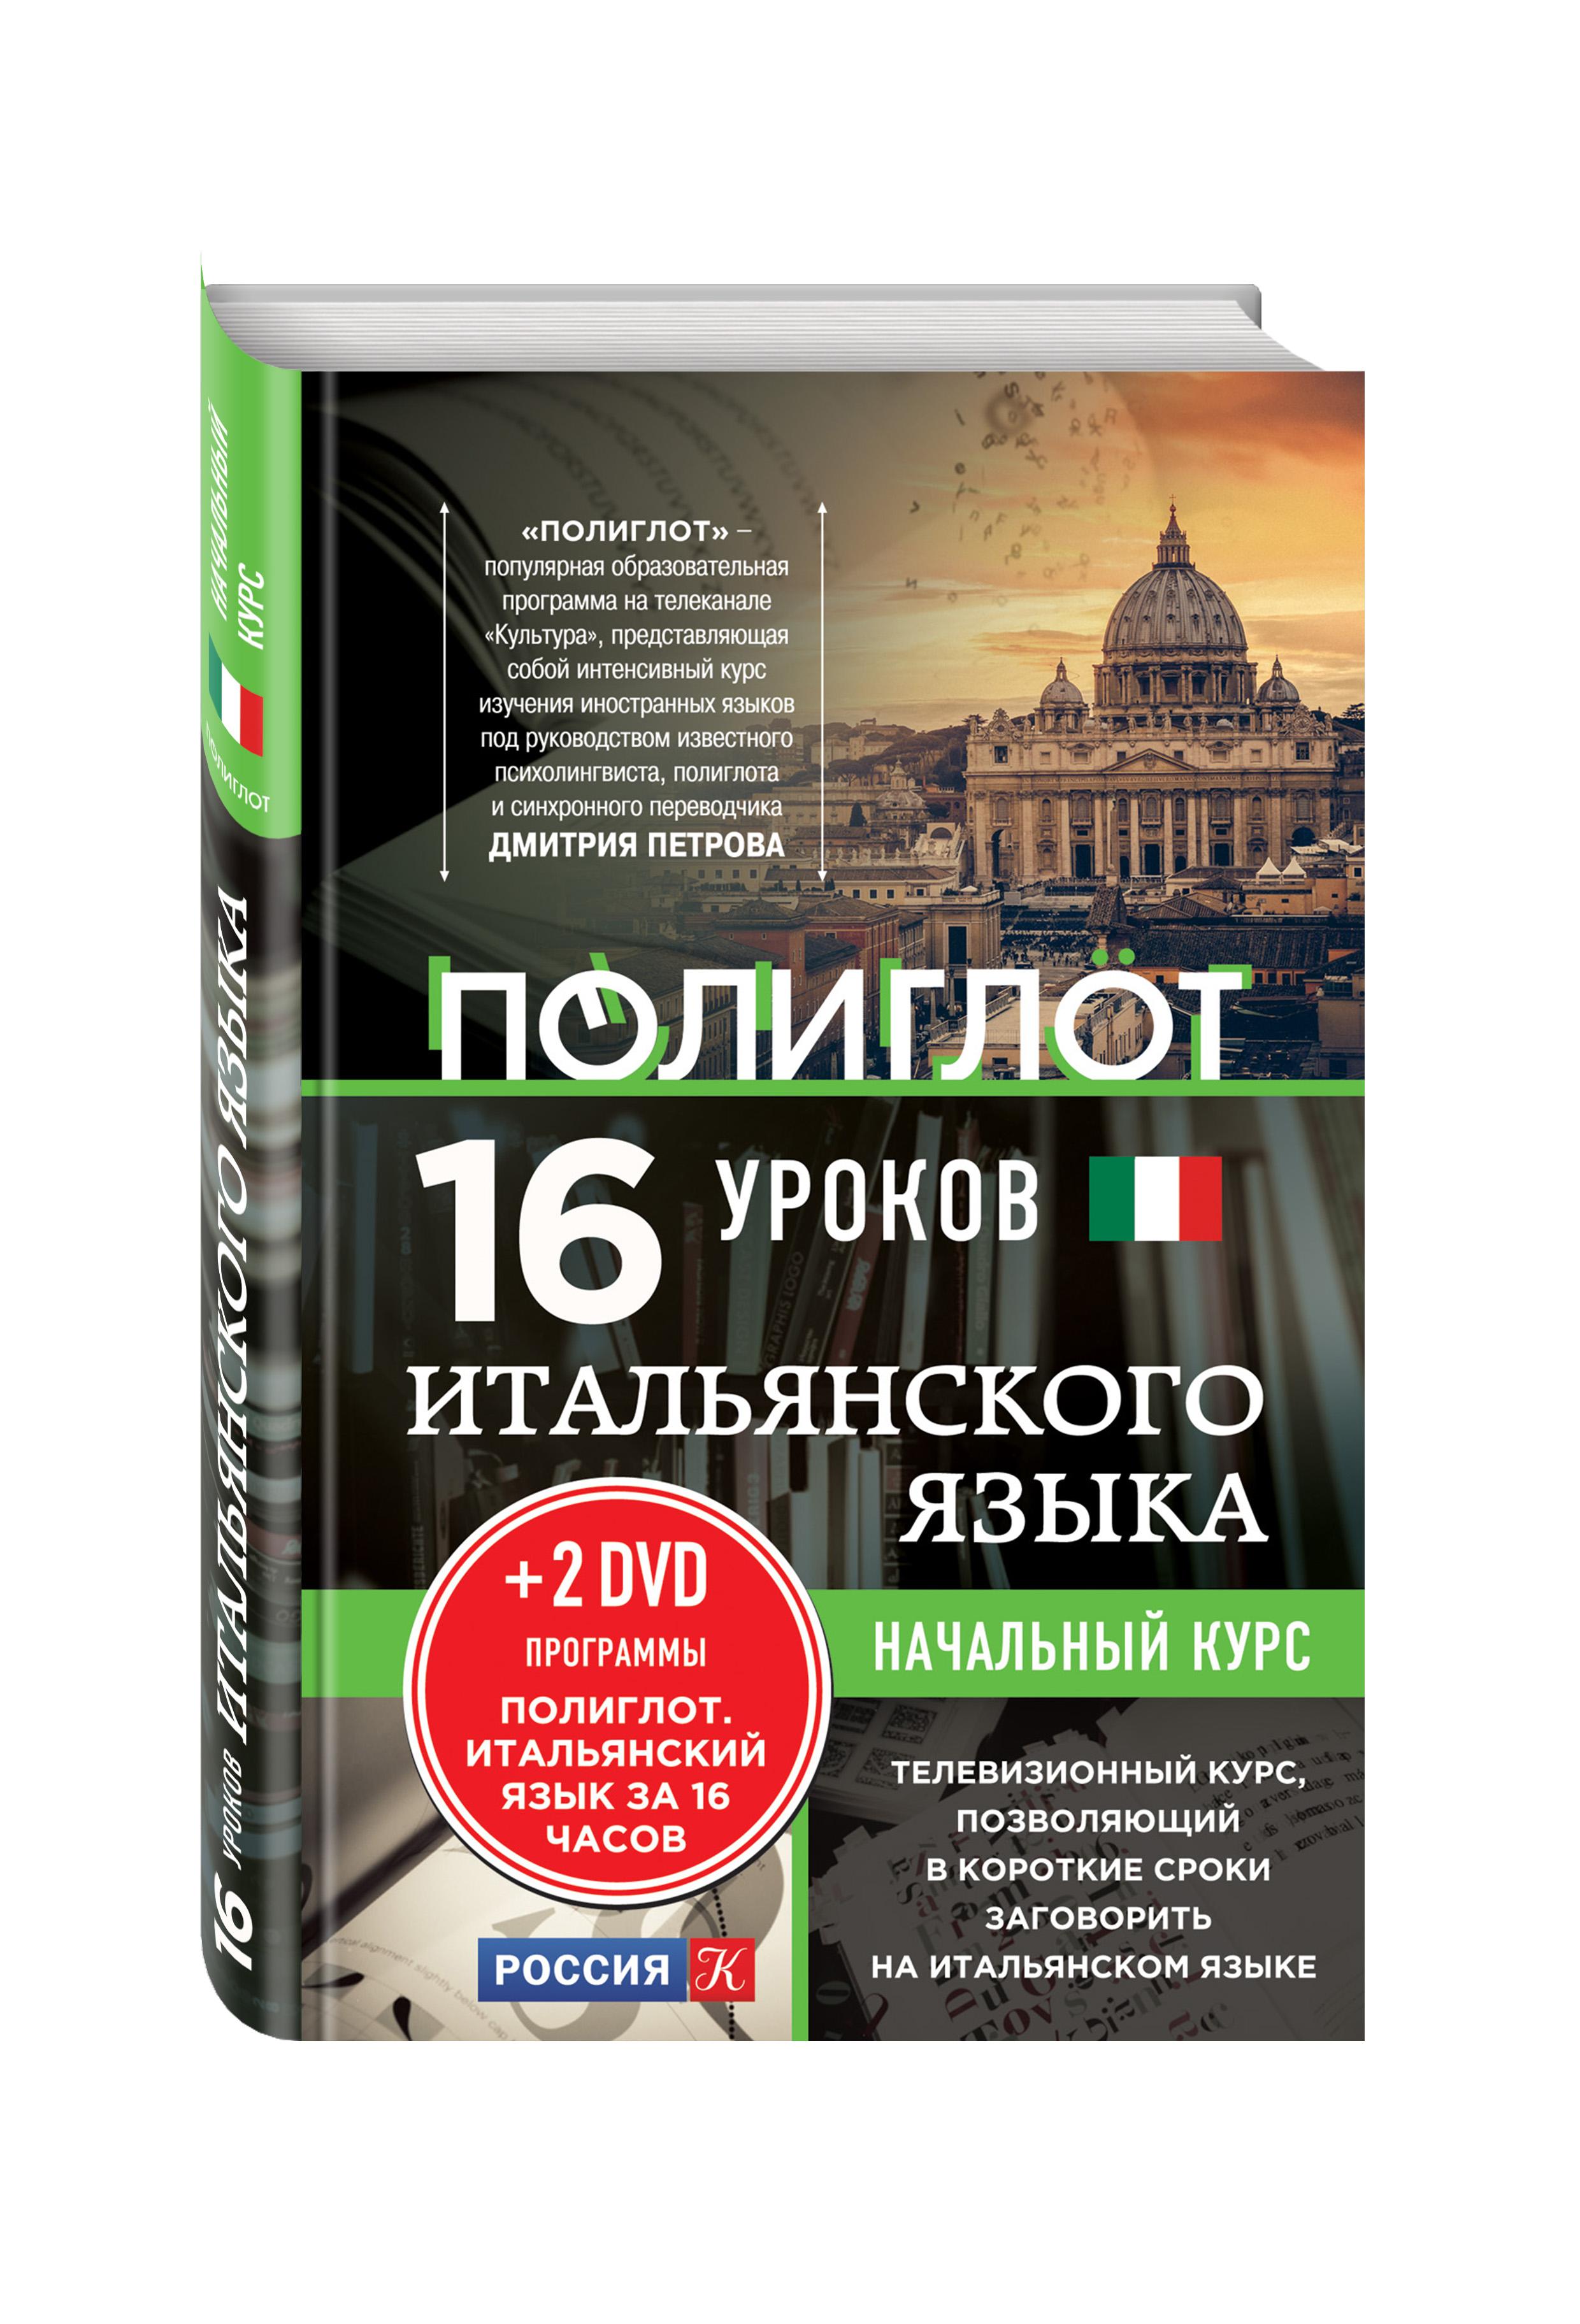 16 уроков Итальянского языка. Начальный курс + 2 DVD Итальянский язык за 16 часов блокада 2 dvd